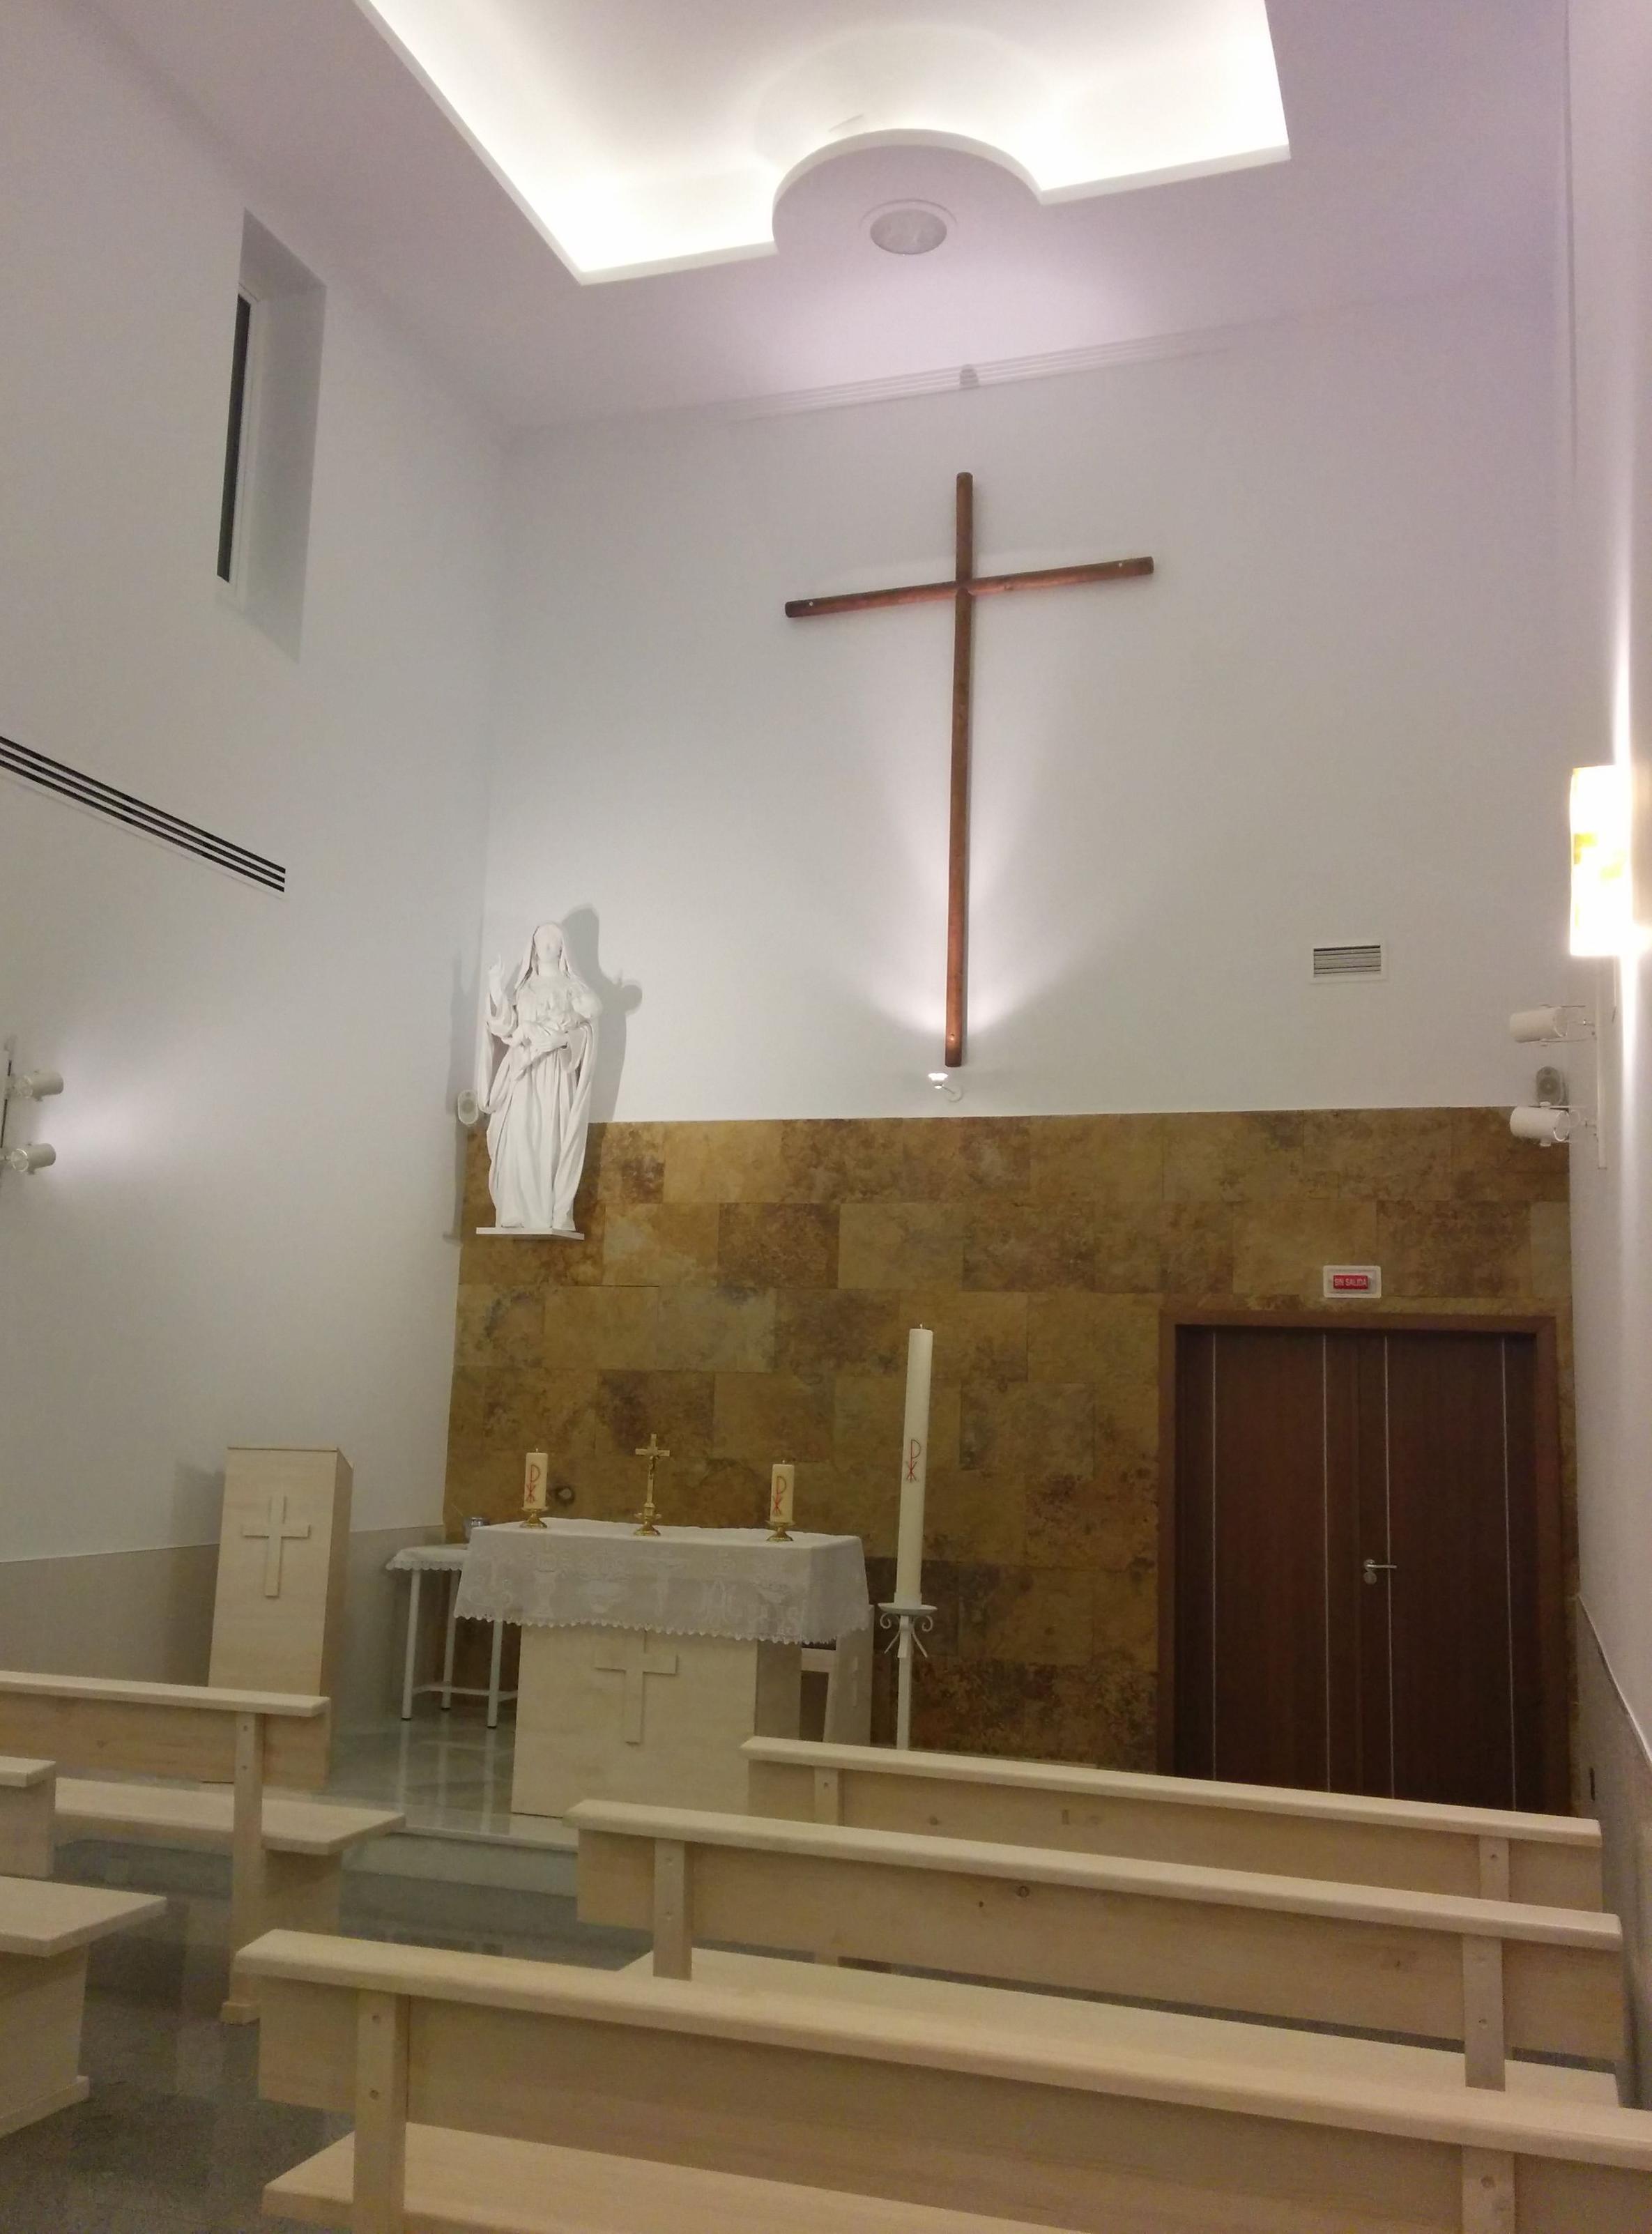 Foto 8 de Funerarias en Camas | Tanatorio Crematorio de Camas - Funeraria Los Ángeles